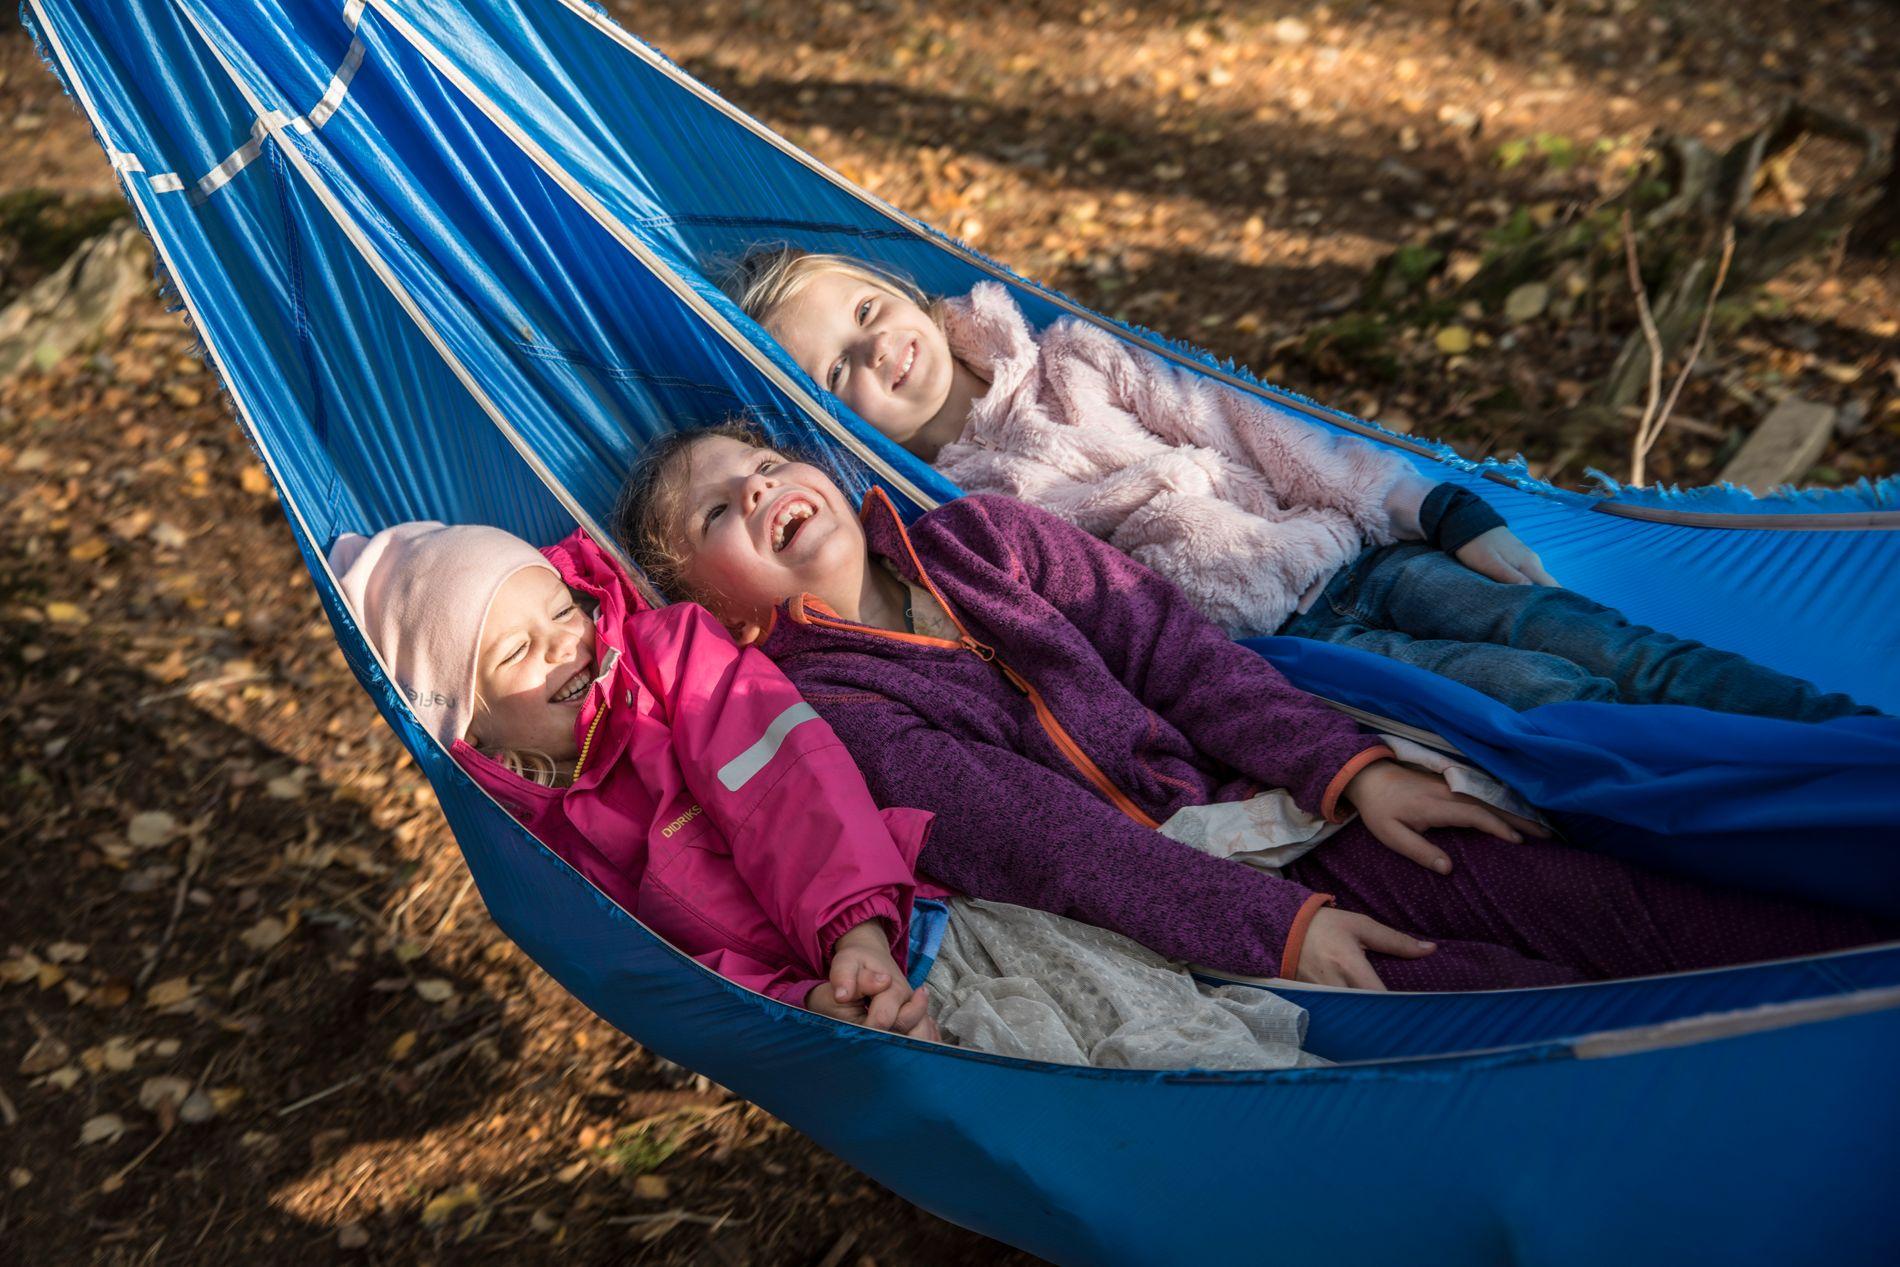 TAR DET ROLIG: Egentlig tilhører de skolen, som ligger ved siden av, men Frida Bjørnstad, Ingeborg Bjelland Nicolaysen og Celine Solem Stensbak er blant de siste seksåringene i landet som fortsatt går i barnehage.